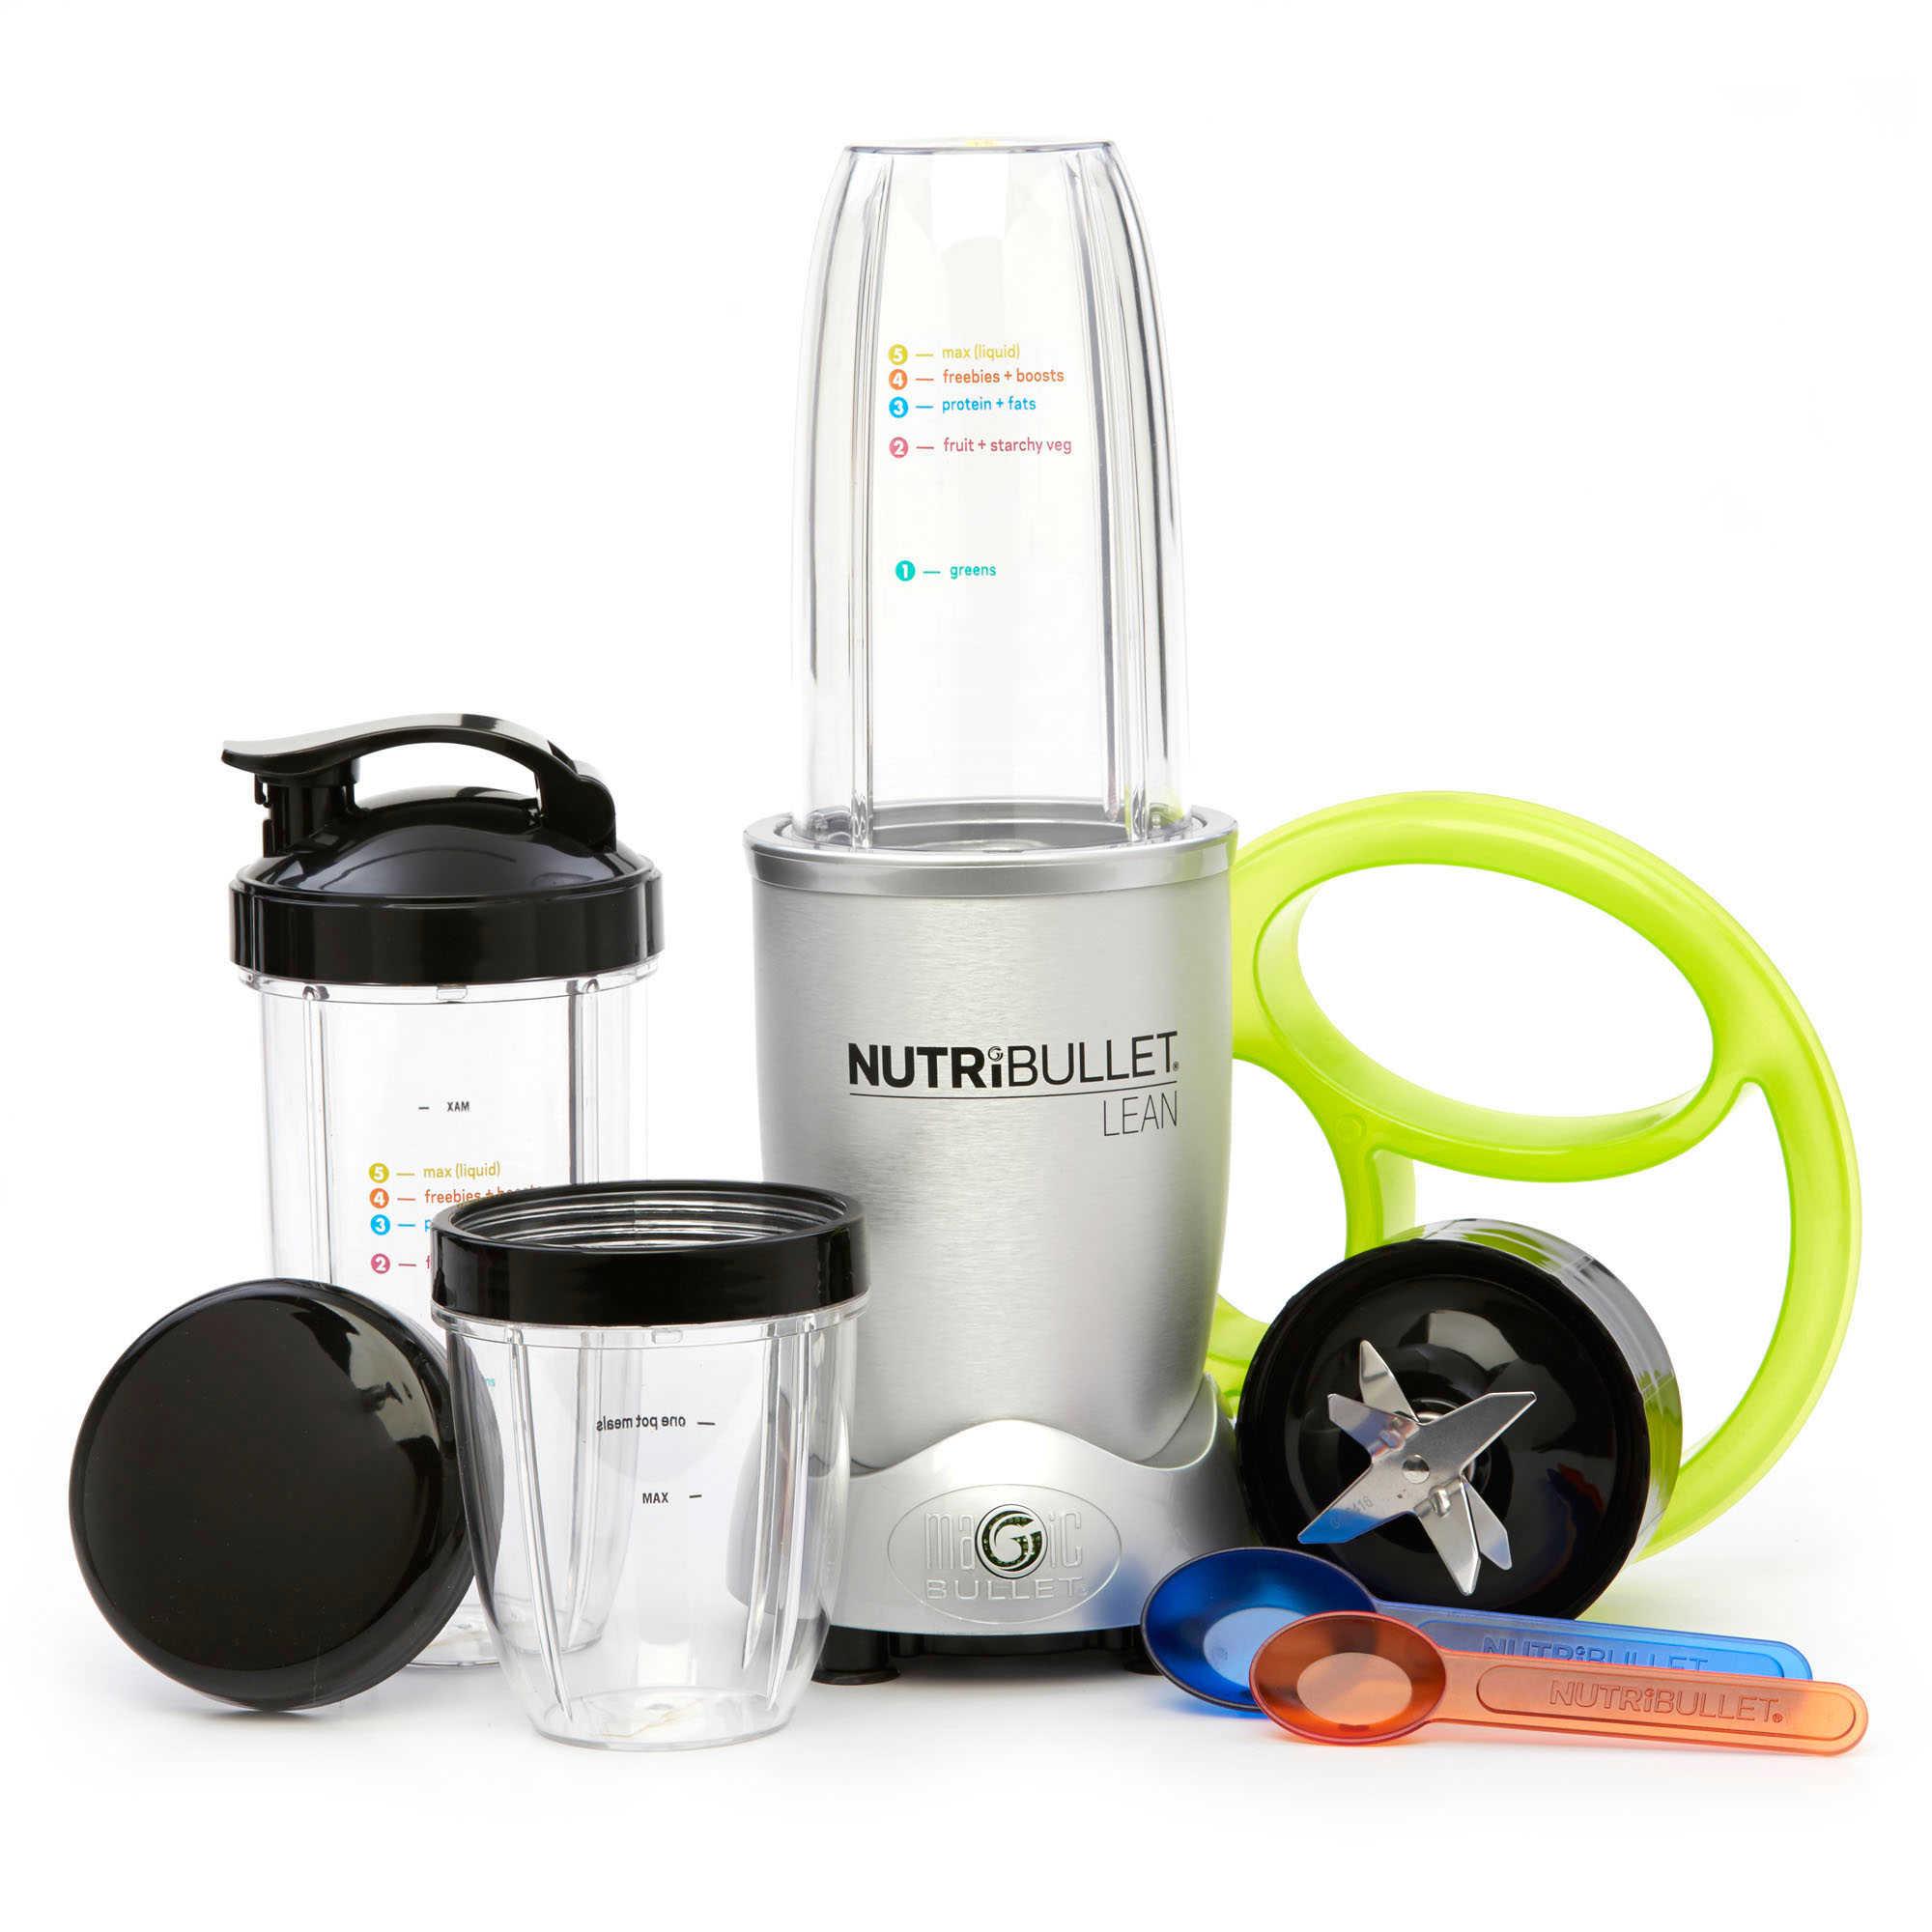 NutriBullet Lean™ 1200W Blender $64 after coupon + tax $67